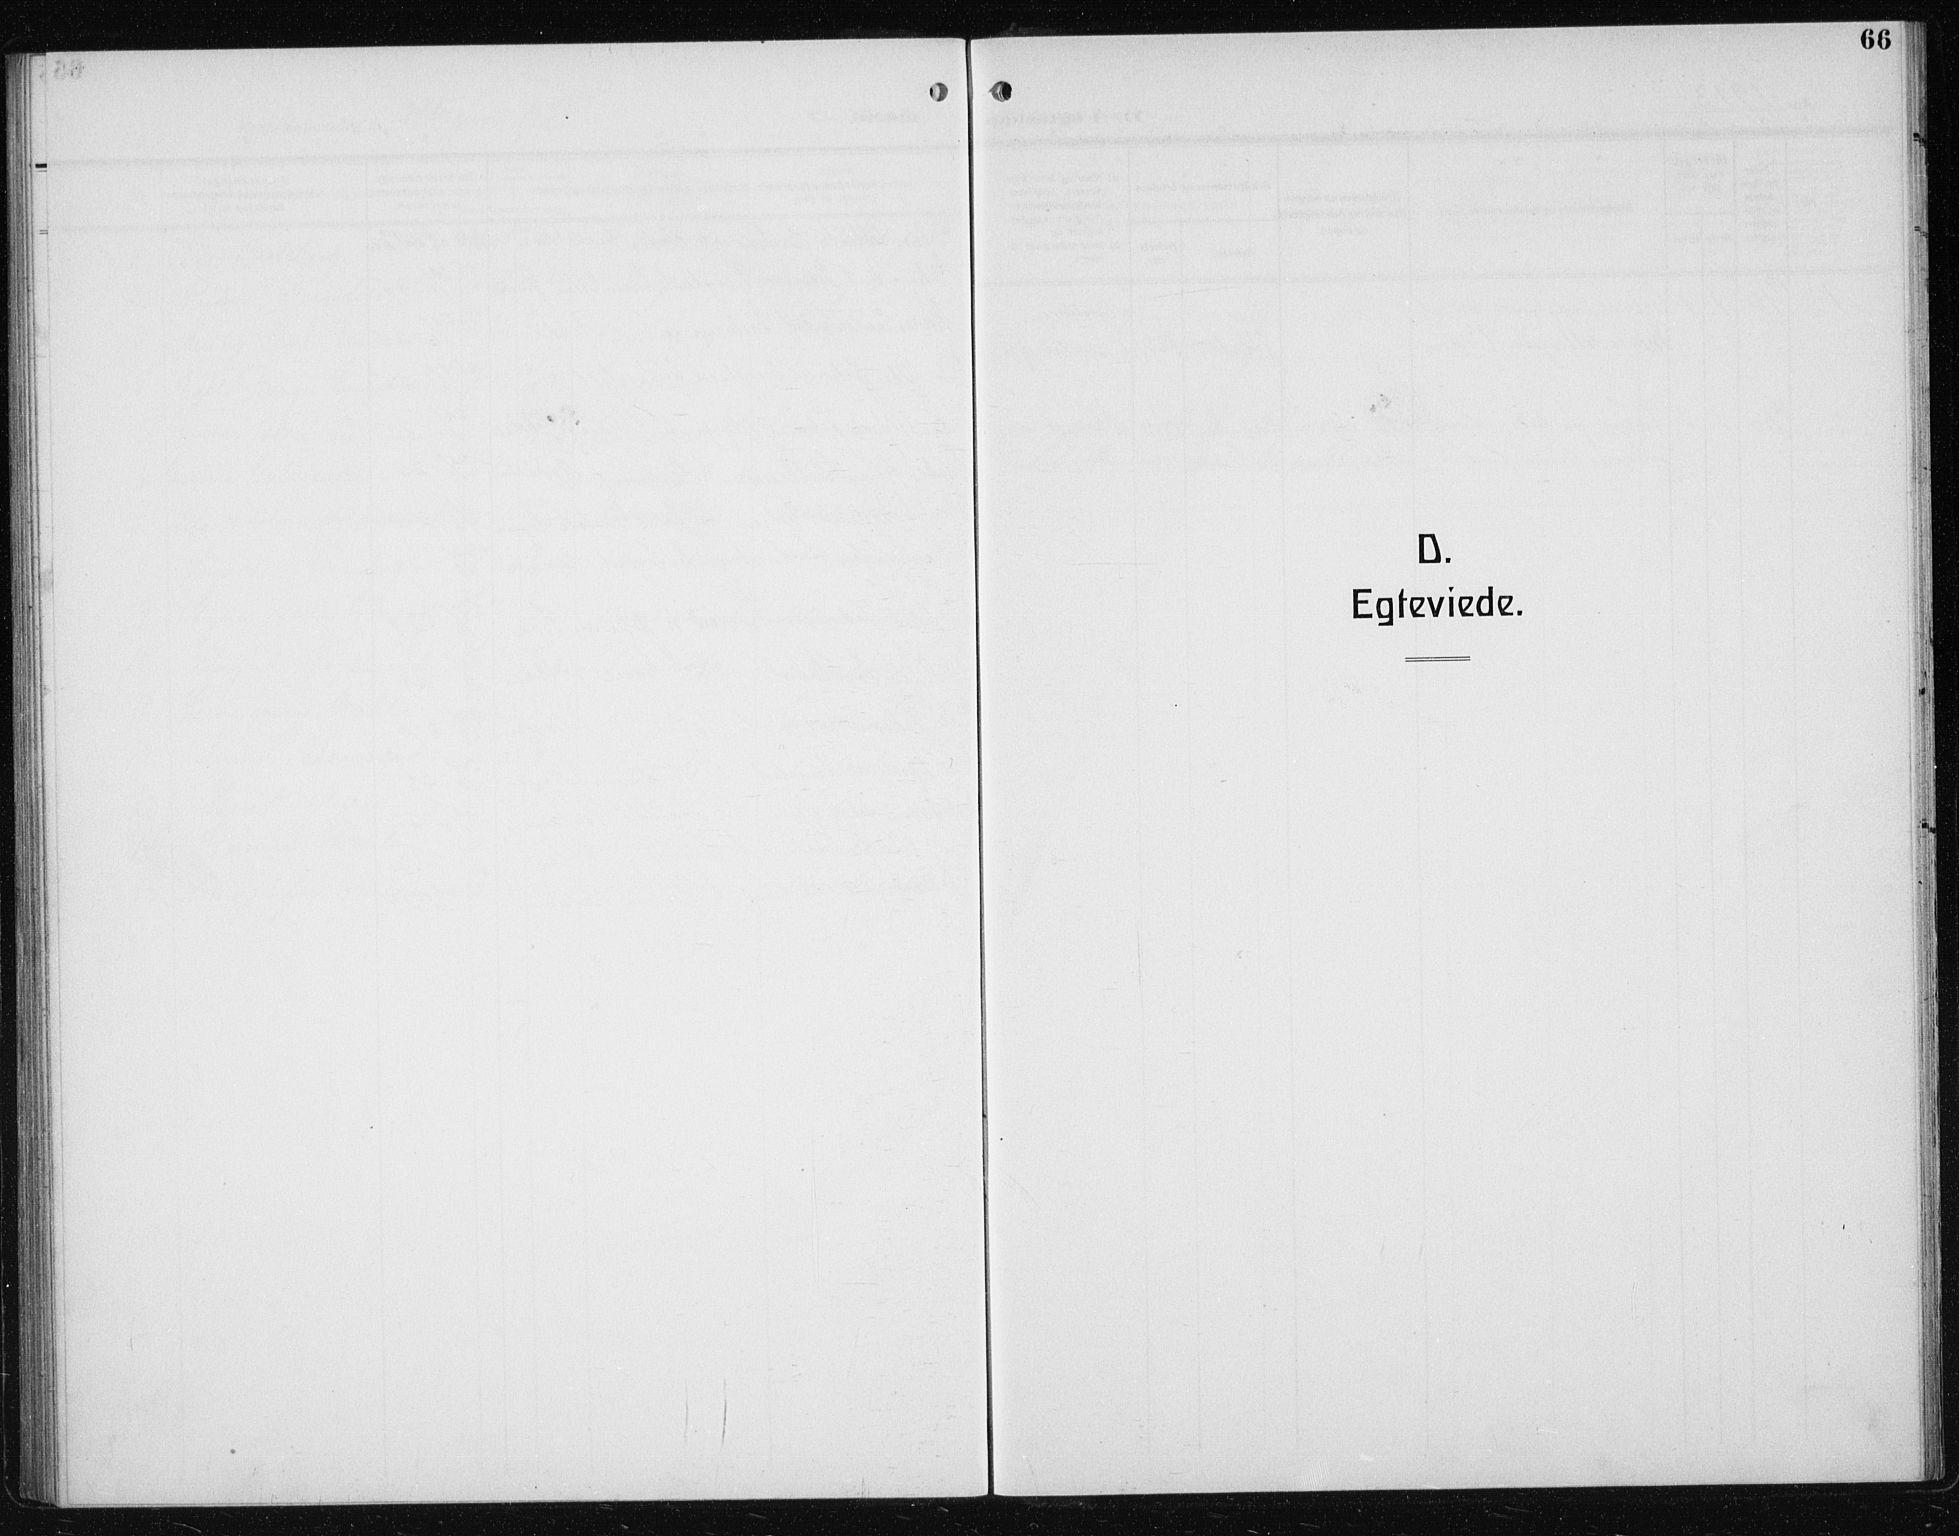 SAT, Ministerialprotokoller, klokkerbøker og fødselsregistre - Sør-Trøndelag, 608/L0342: Klokkerbok nr. 608C08, 1912-1938, s. 66